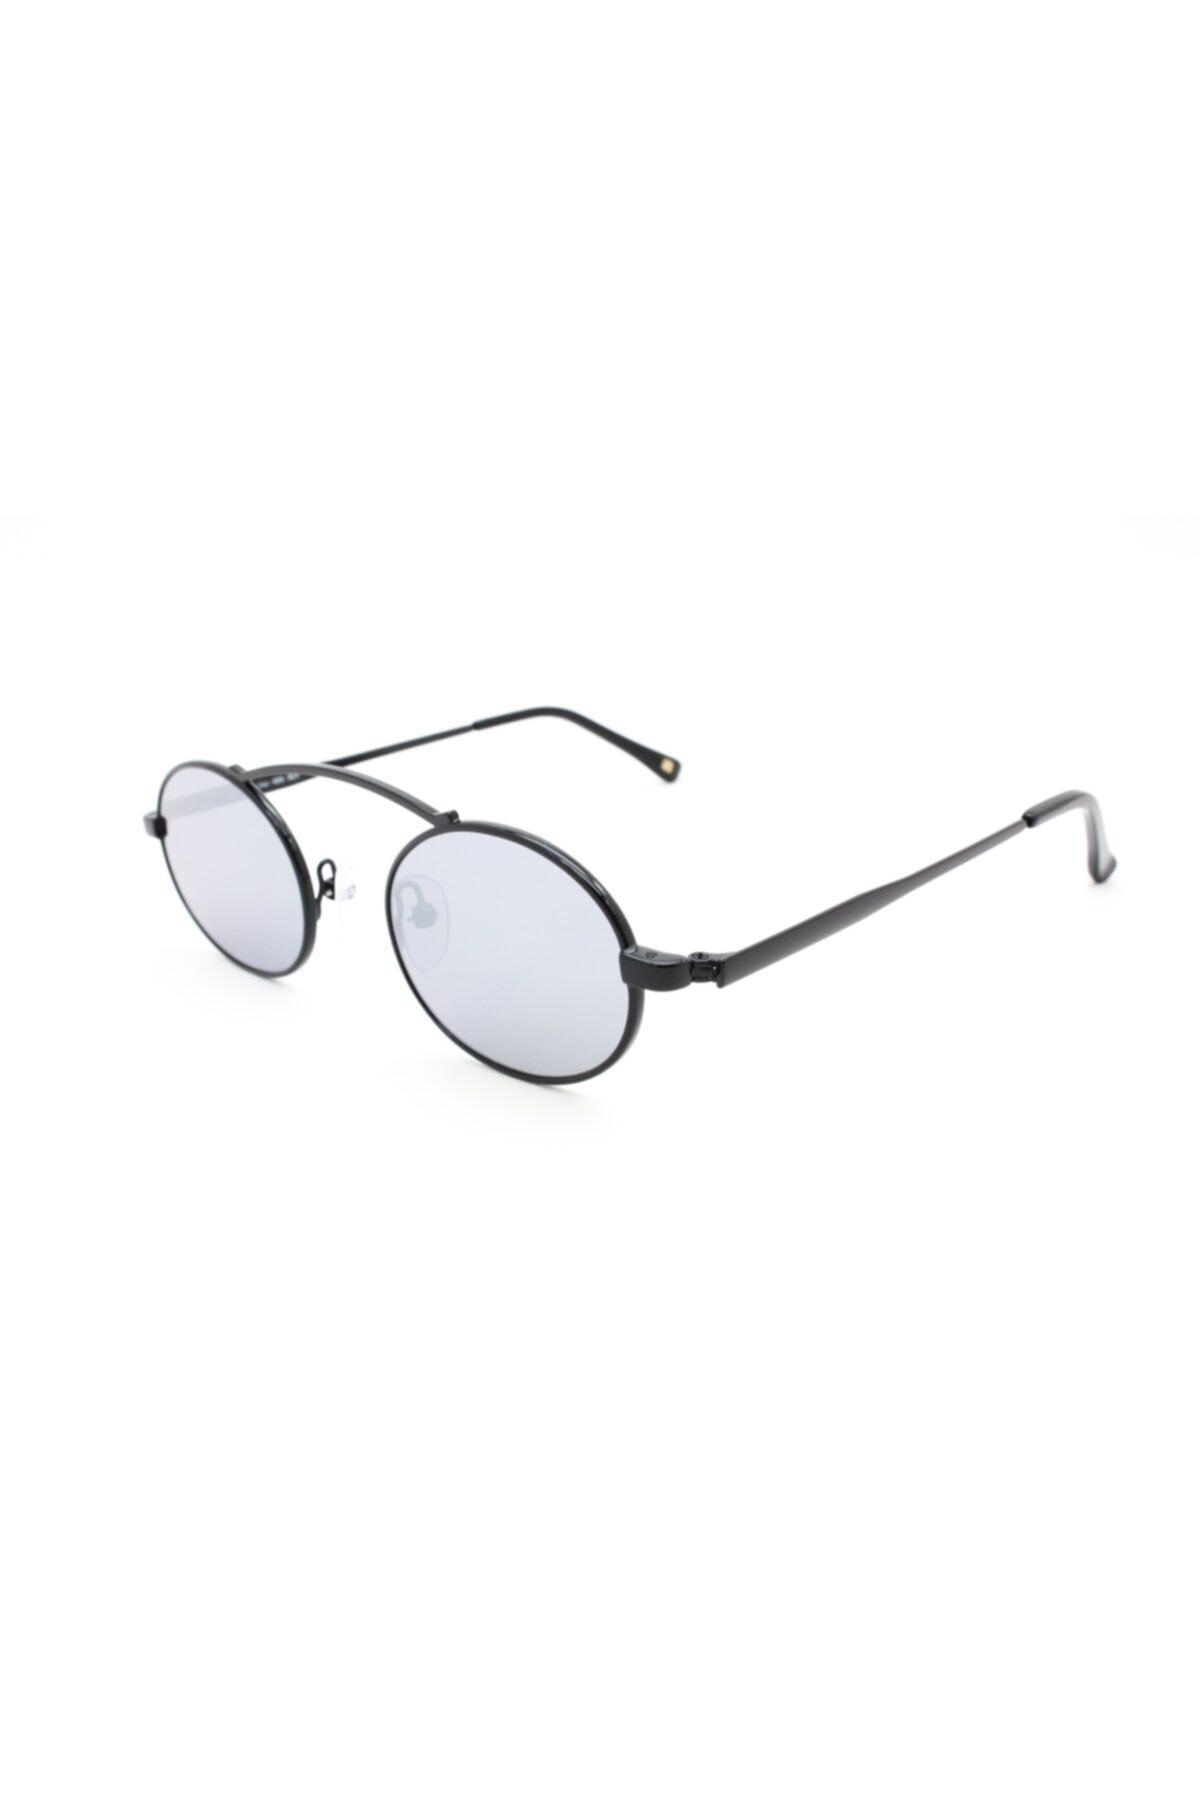 Franco Vital Isıs Blk-slv 47 Ekartman Bayan Güneş Gözlüğü 1